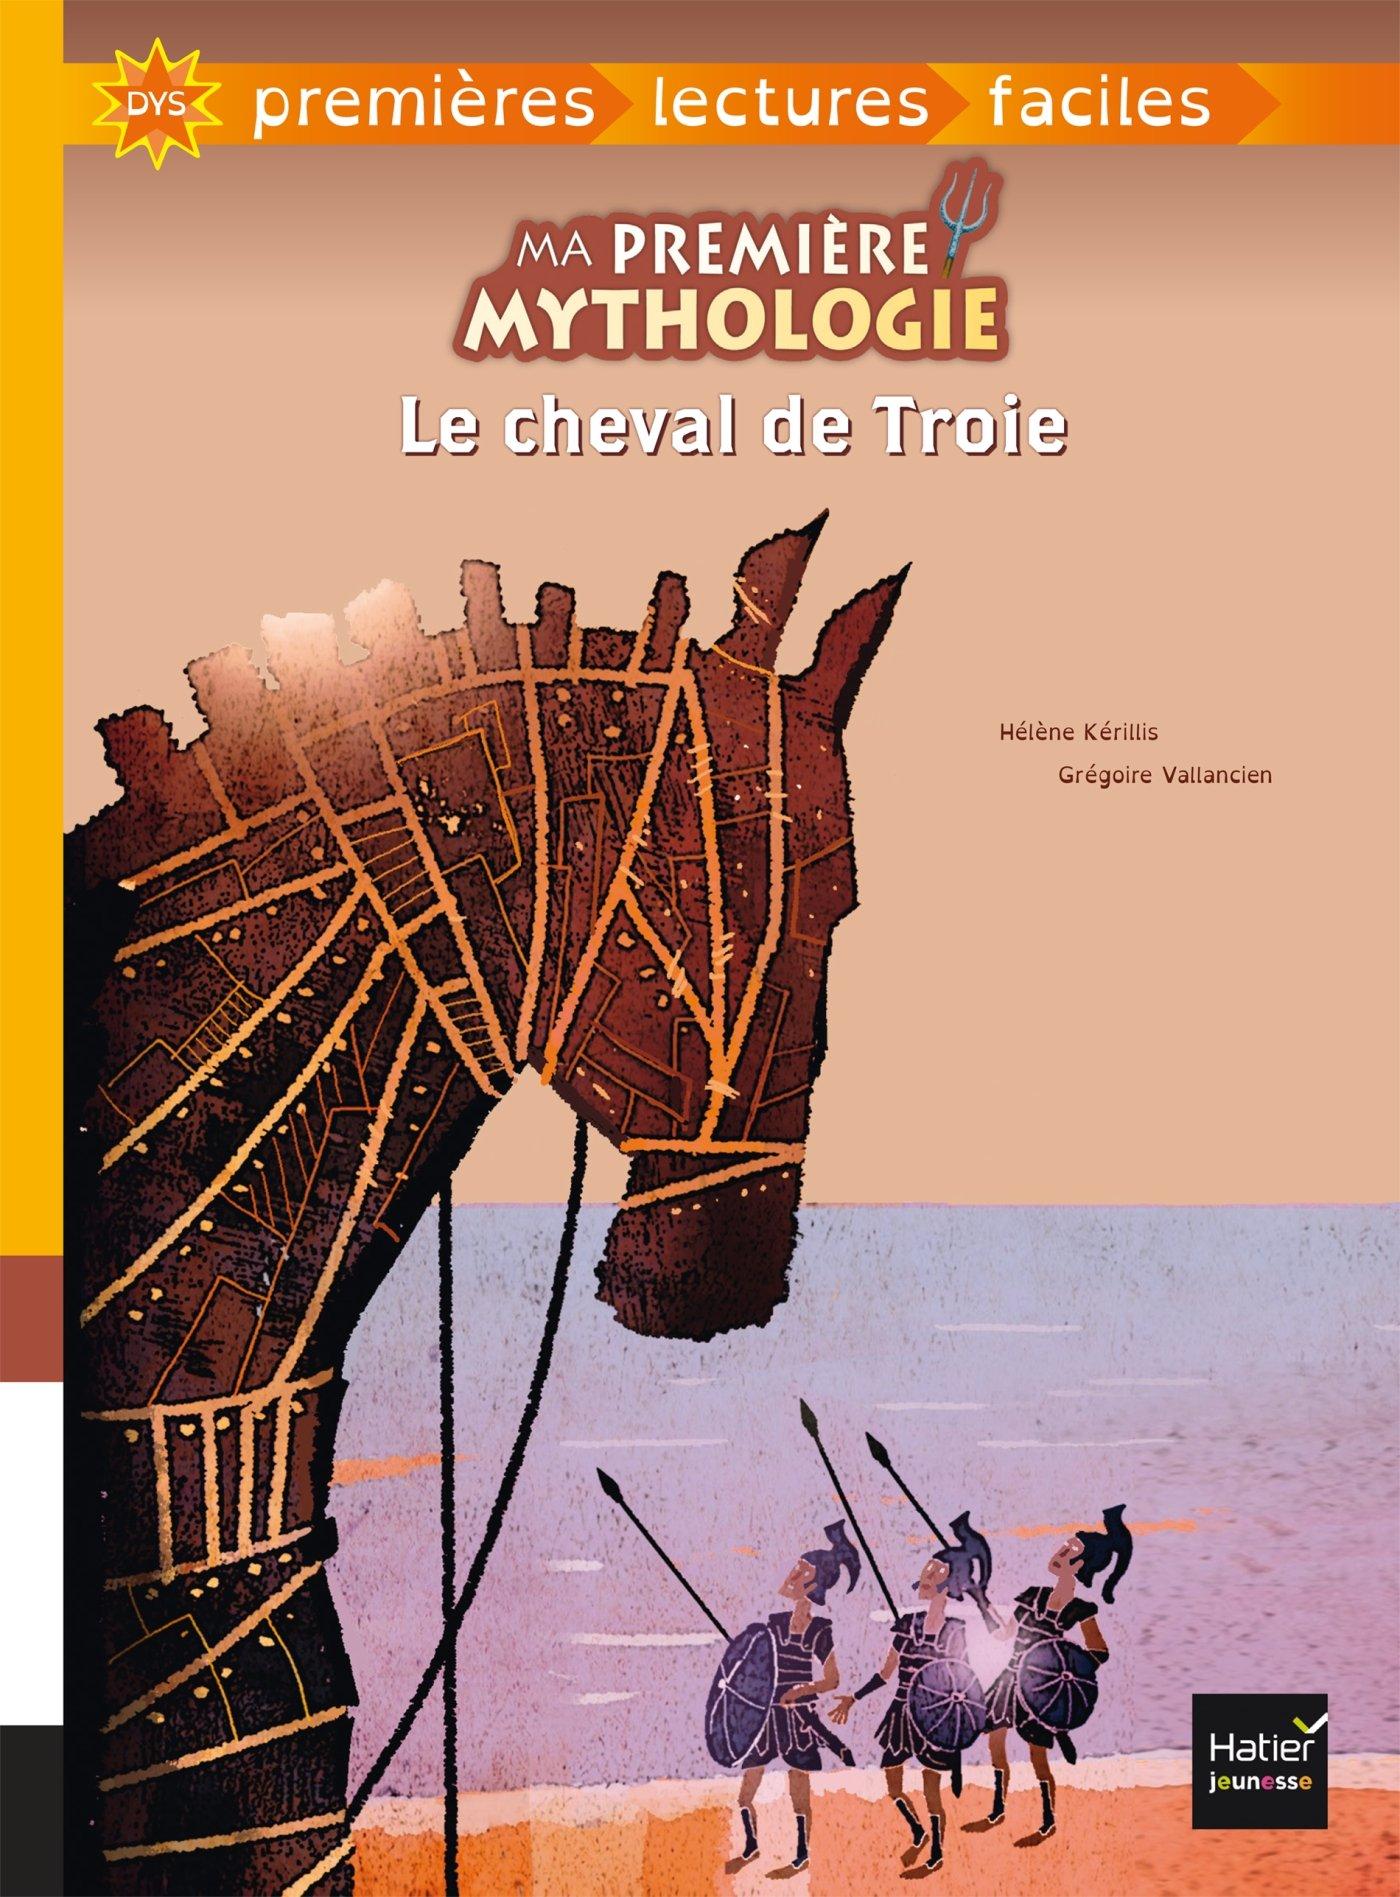 Ma première mythologie - Le cheval de Troie adapté dès 6 ans de Hélène Kérillis